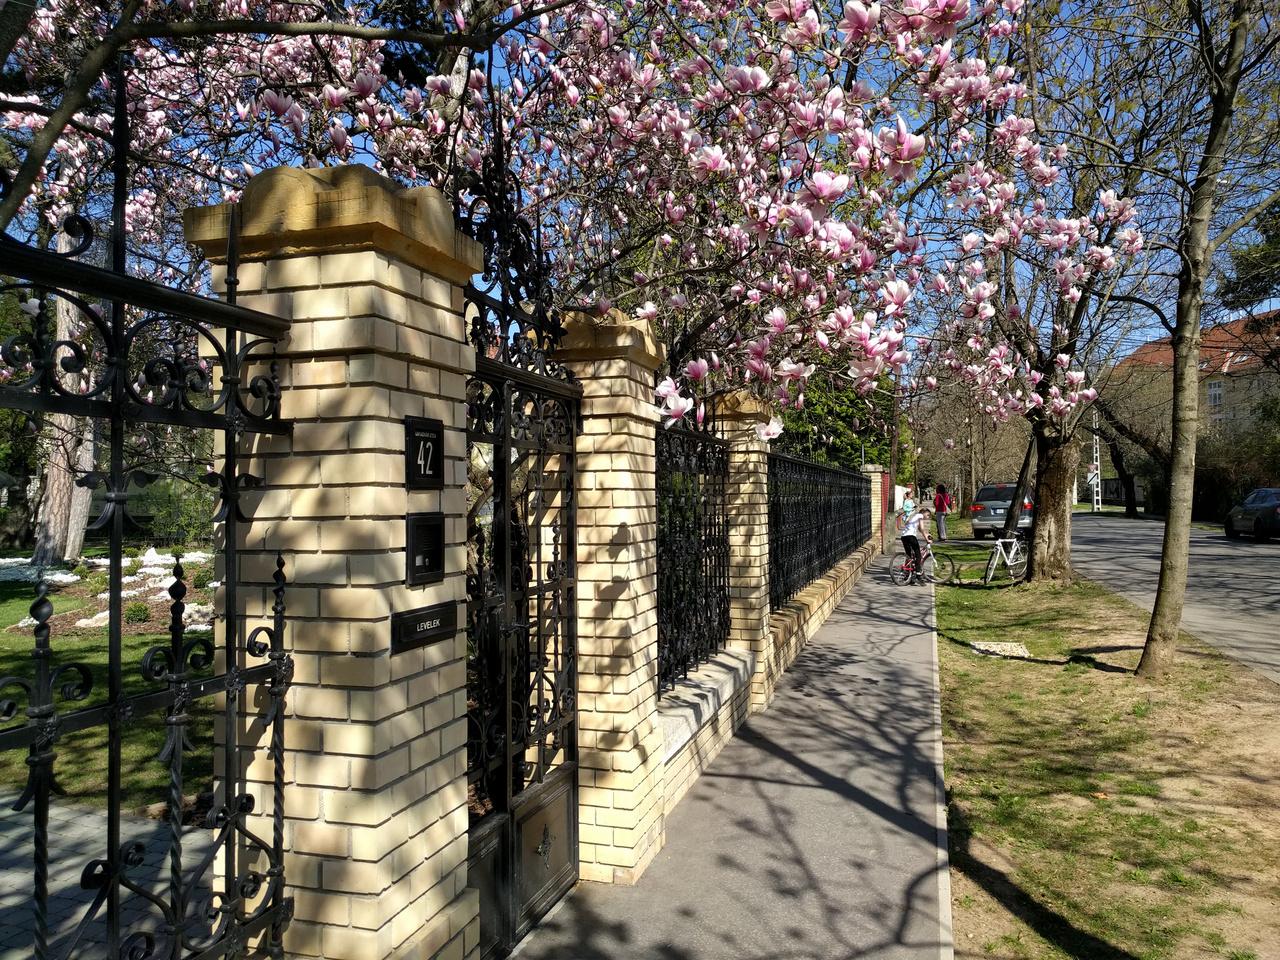 Ha szeretnétek virágzó magnóliákat látni, siessetek ti is oda. Persze ha lemaradtok, akkor sincs baj: jövőre ugyanilyen gyönyörűek lesznek ismét.